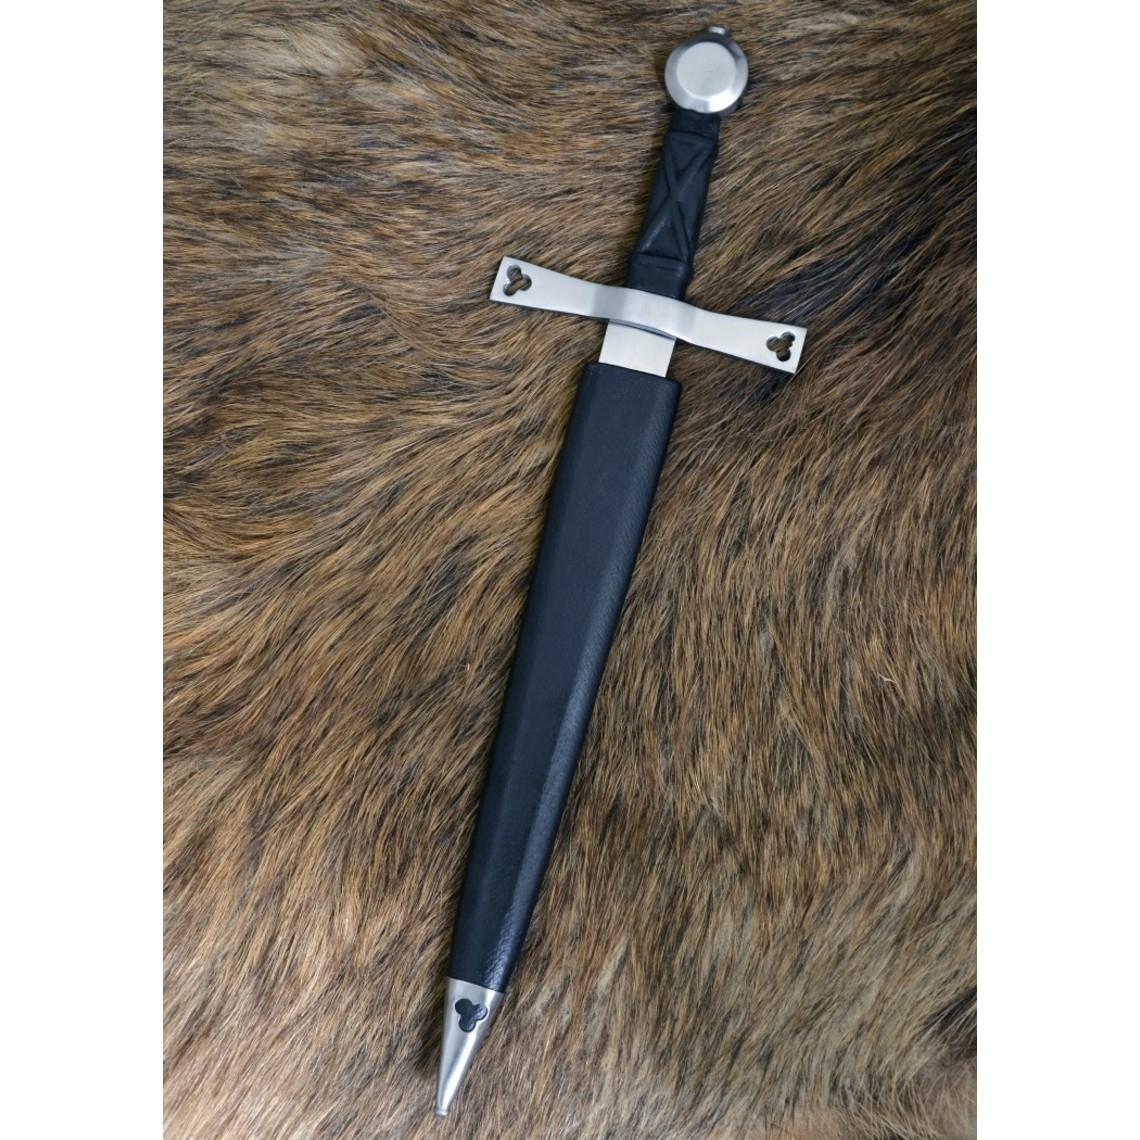 Deepeeka Dagger Colmar, prêt au combat